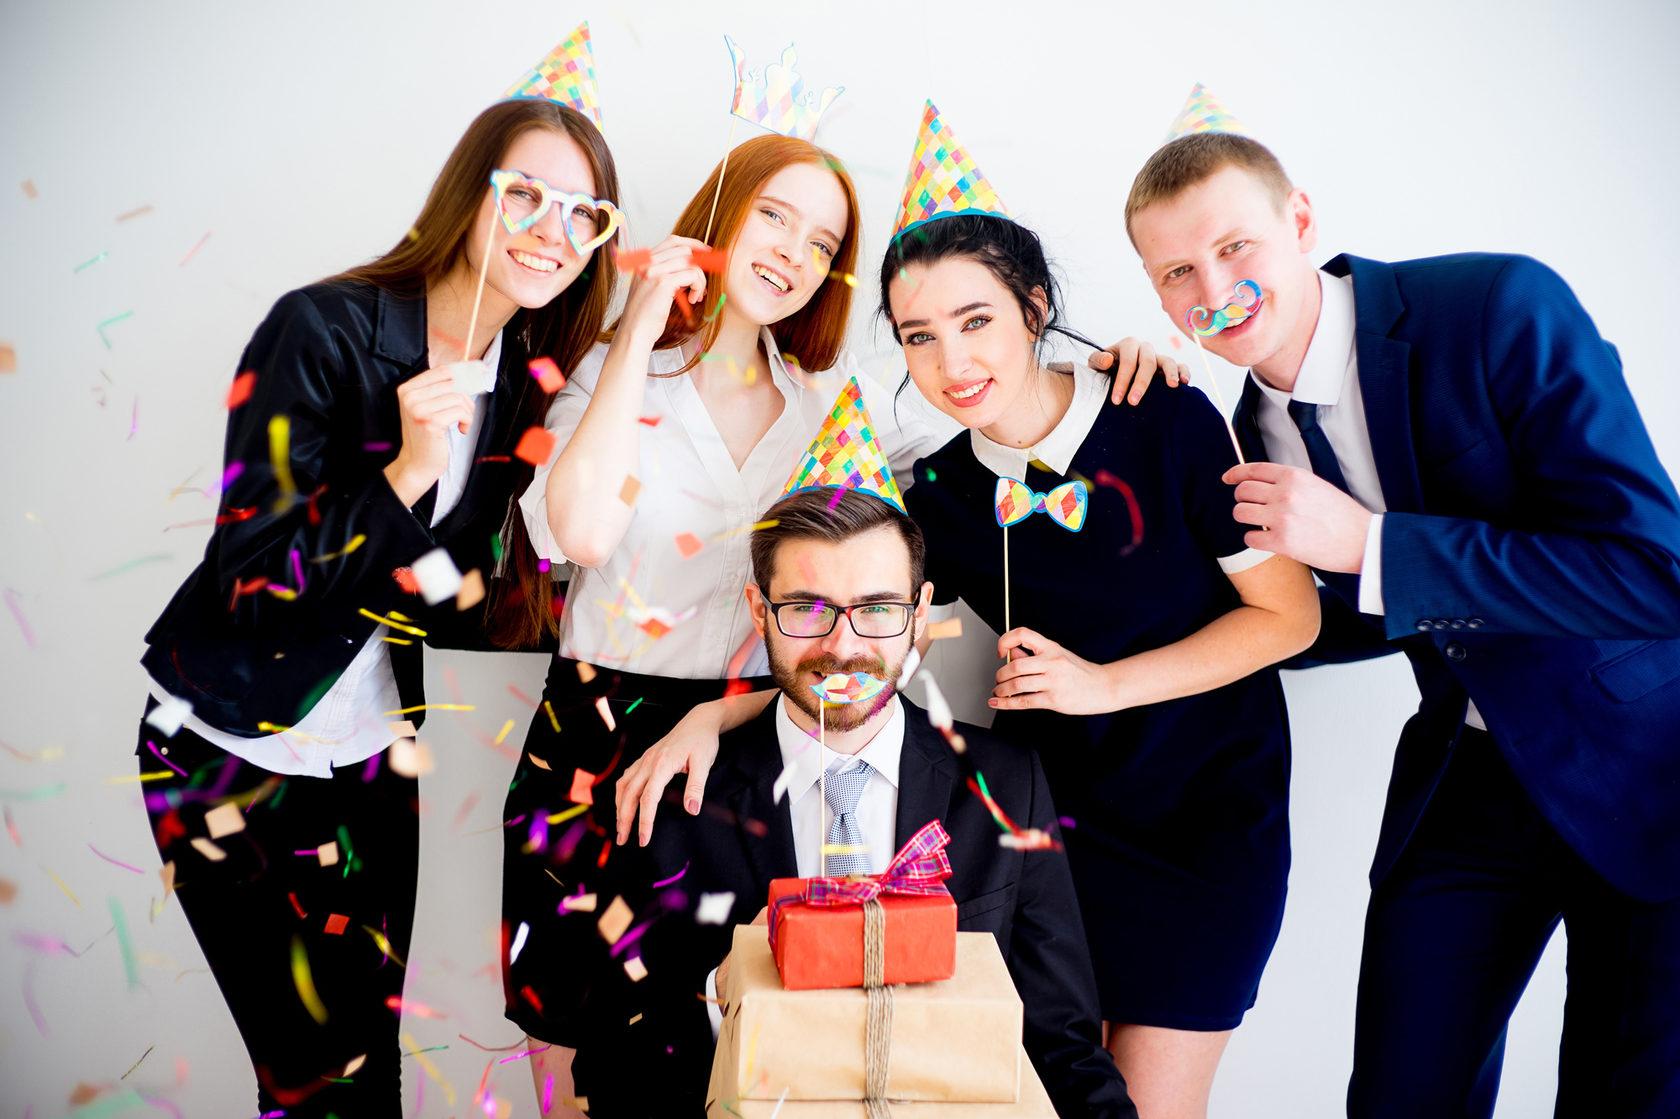 Поздравление на корпоративную вечеринку